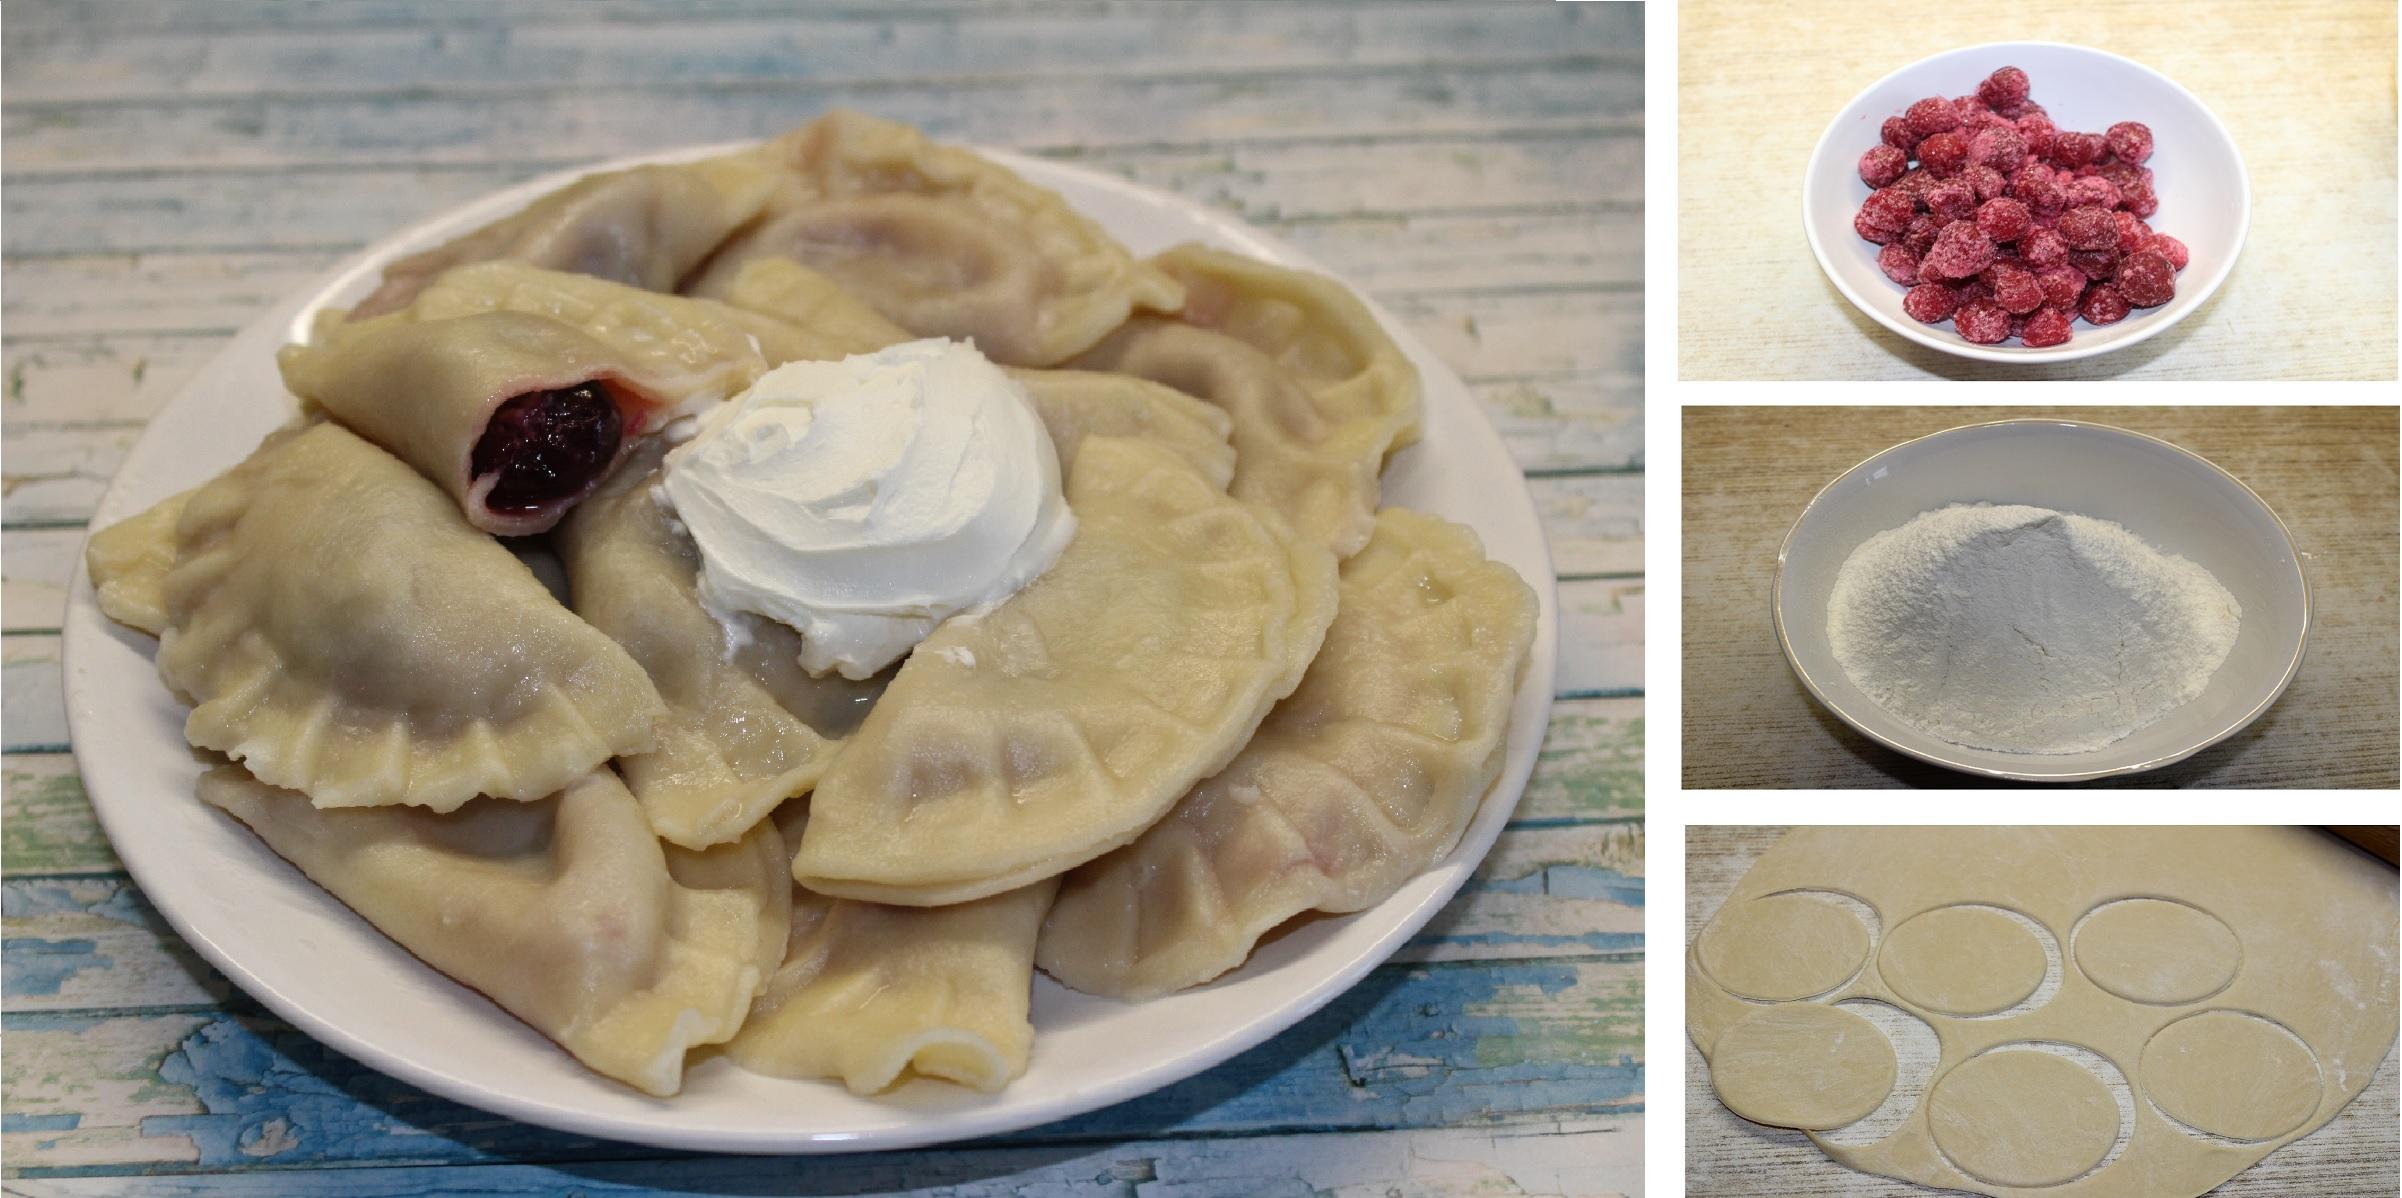 Домашние вареники с вишней и с черникой: пошаговый фото рецепт